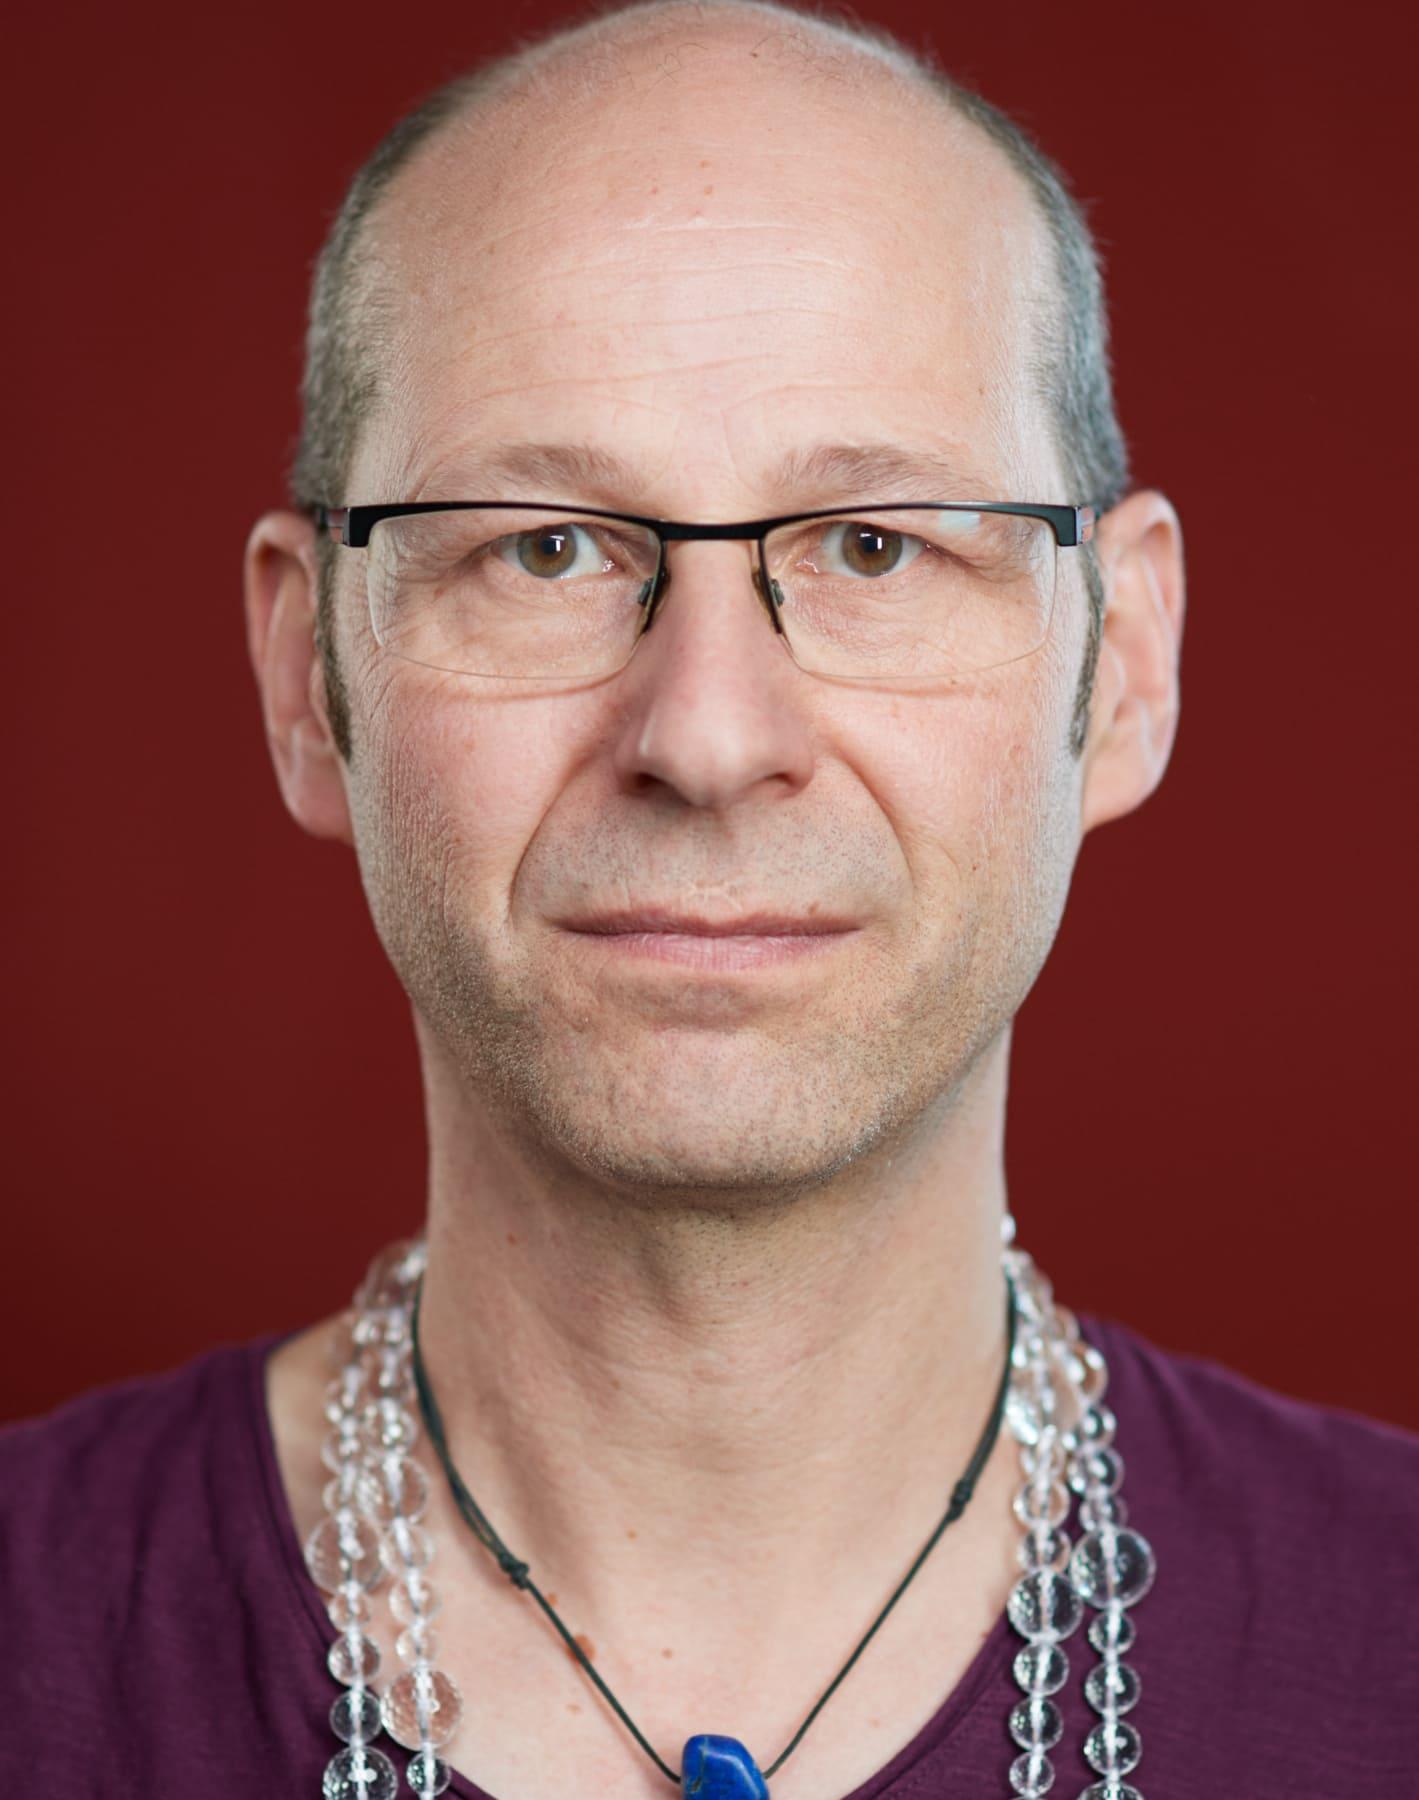 Portrait eine Mann mit Brille vor rotem Hintergrund